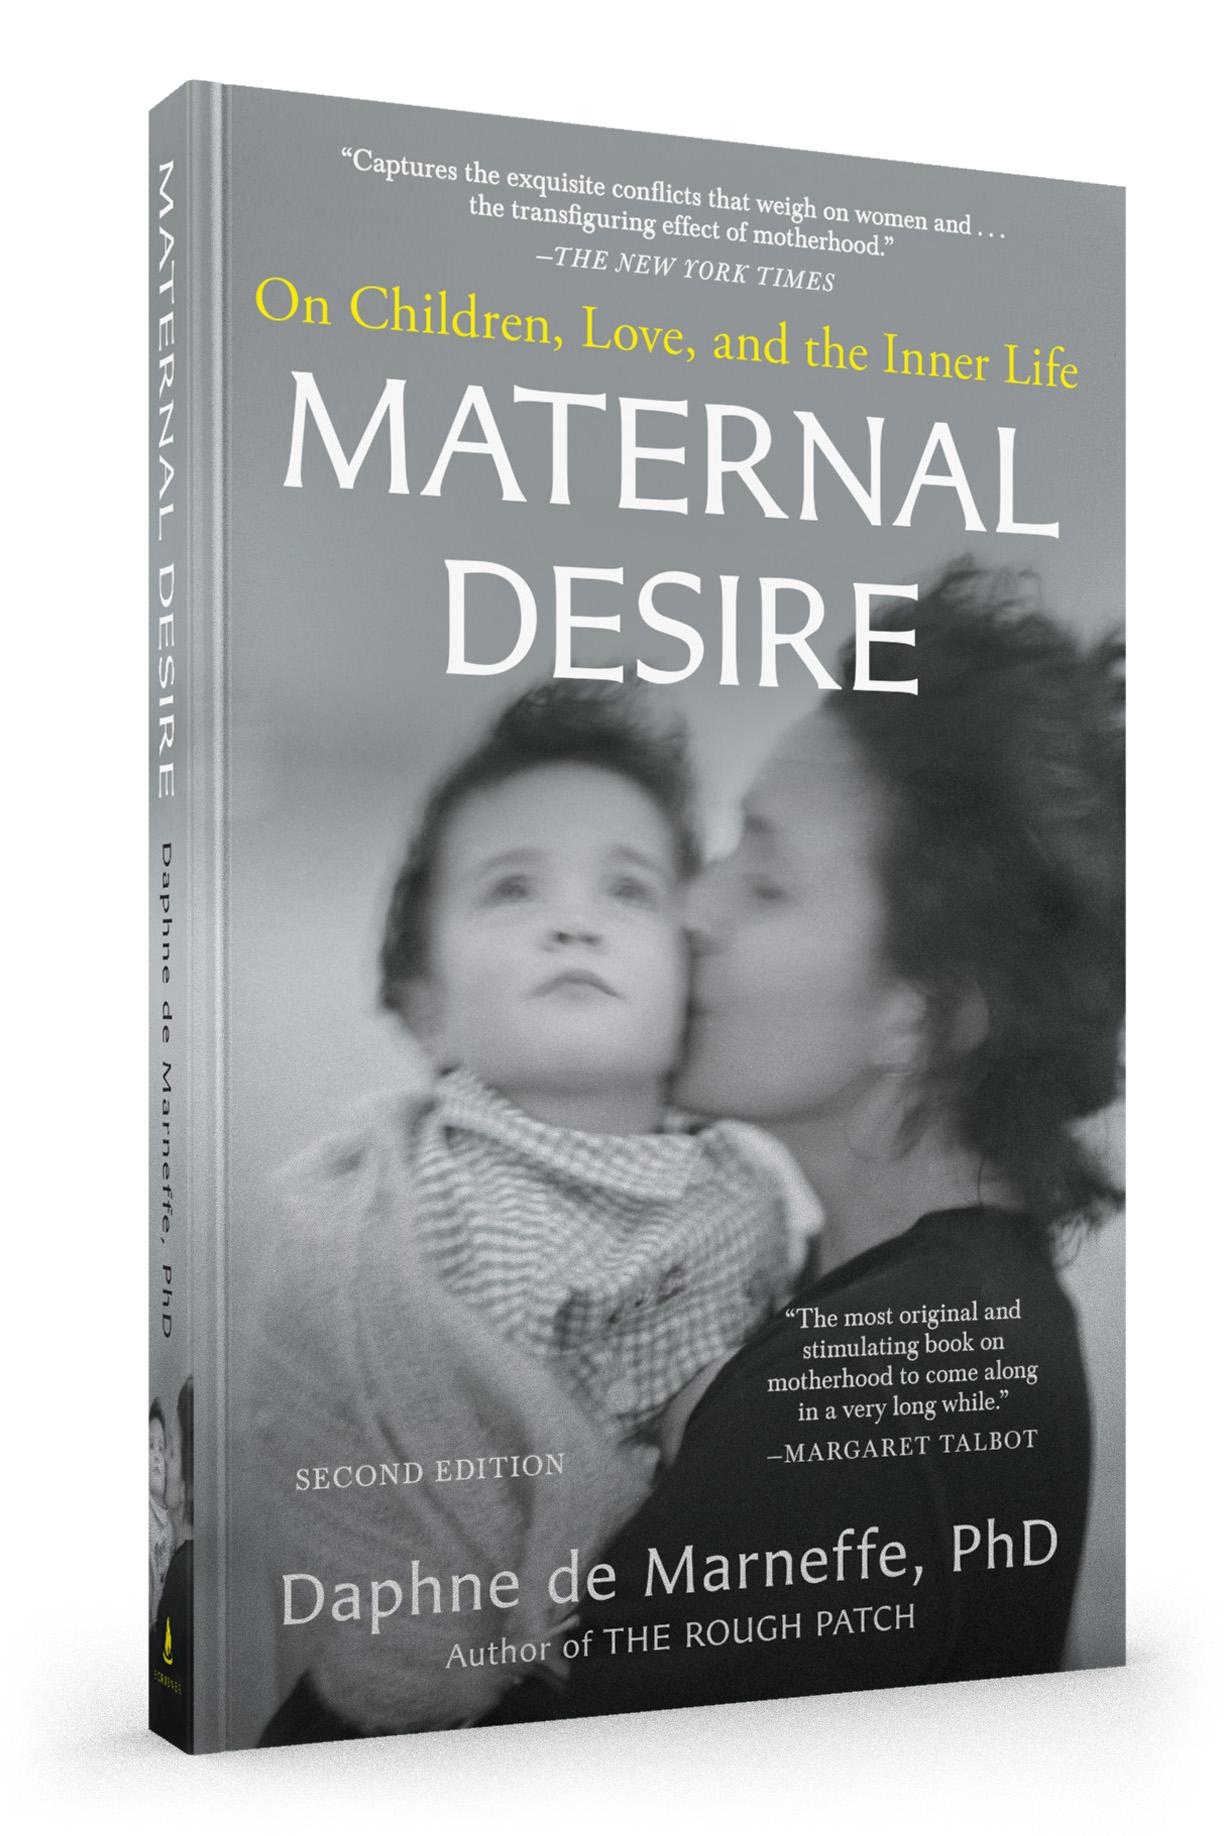 MaternalDesire_NewBookshot.jpg